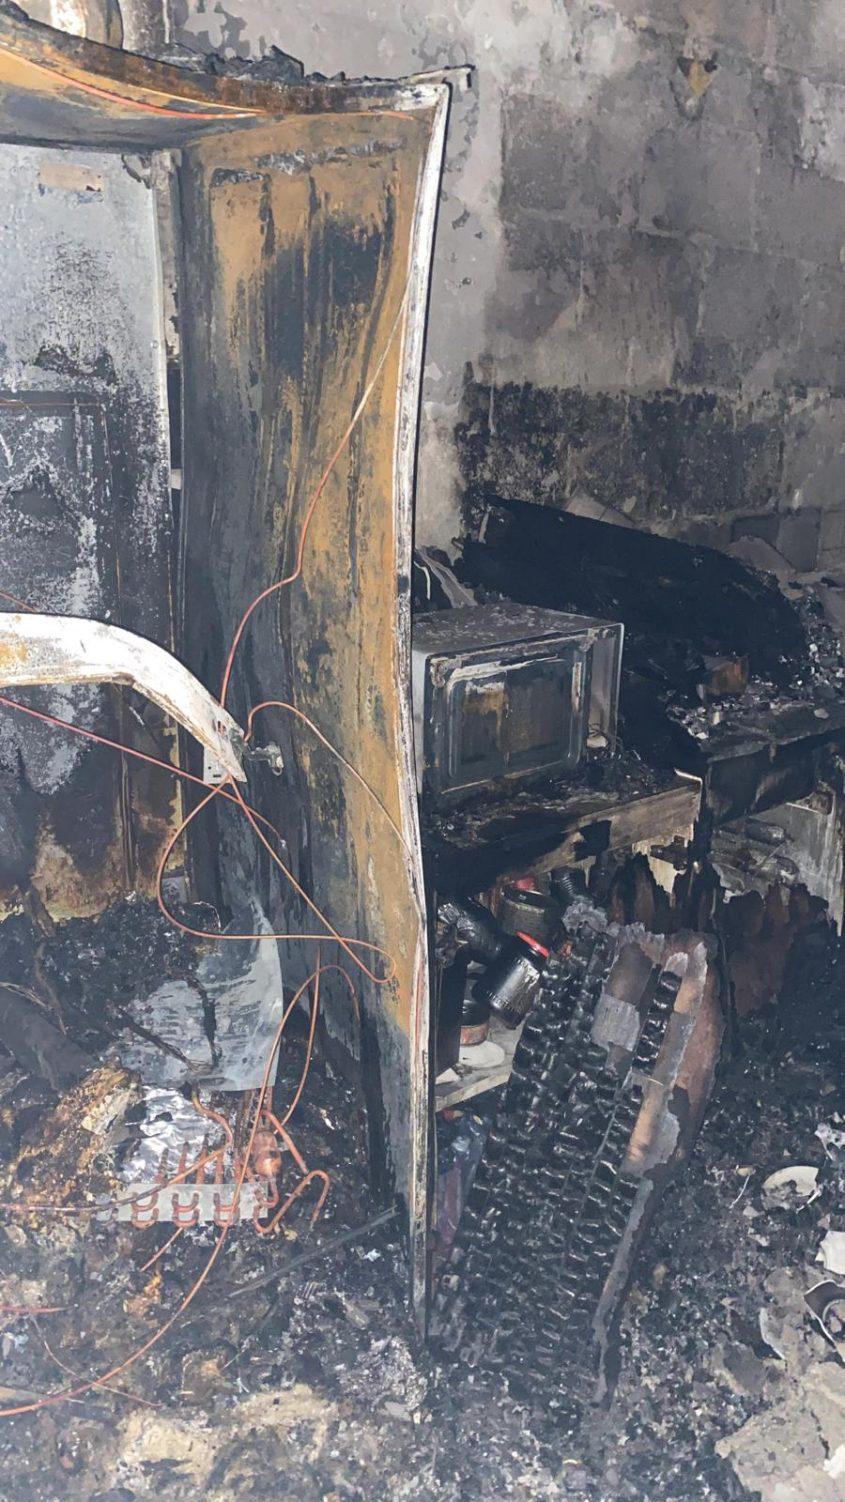 """נשרפה כליל. כך ניראתה הדירה לאחר השריפה. צילום: דוברות כב""""ה דרום"""